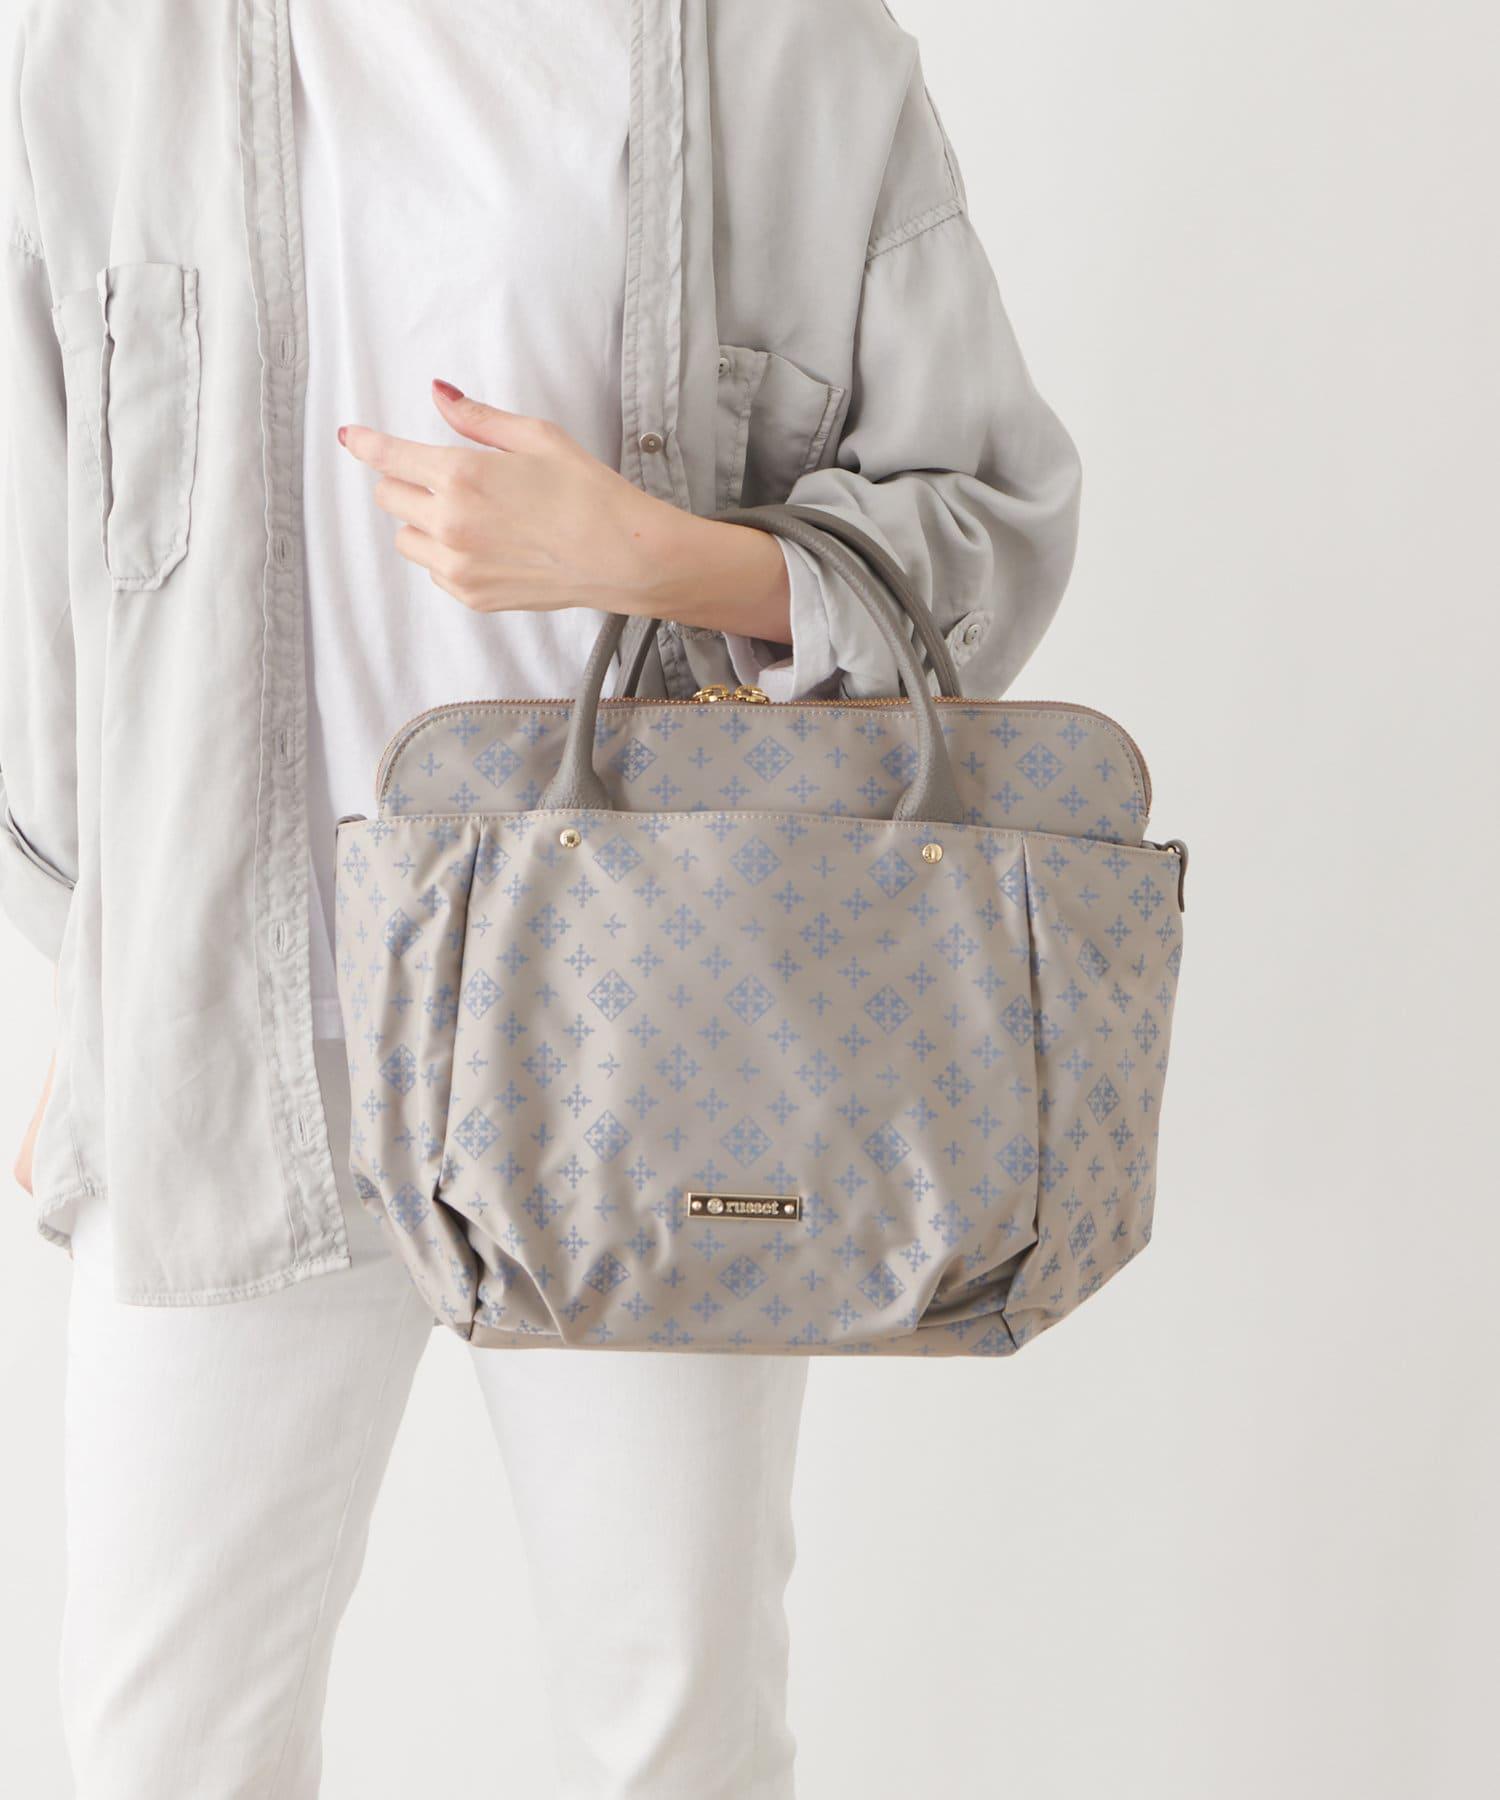 russet(ラシット) 【バッグインバッグ付き】バルーンシルエット マルチウェイバッグ